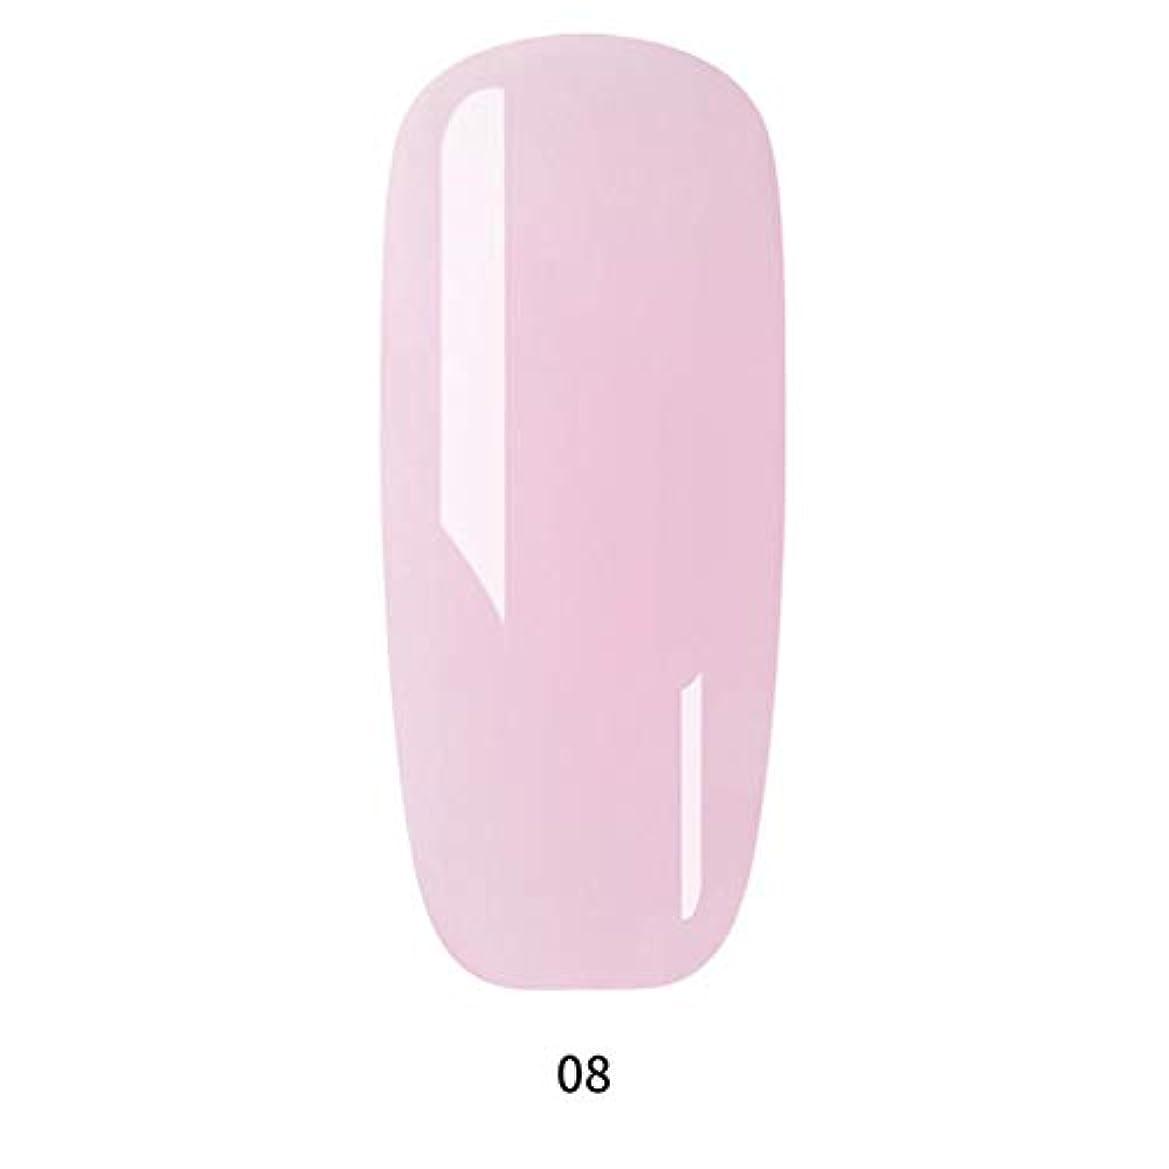 レタスフラグラントグローバルネイルアート ネイル接着剤 人工偽爪 ネイルジェル 爪指延長接着剤 UV延長接着剤 ティップエクステンション 9色選べる junexi